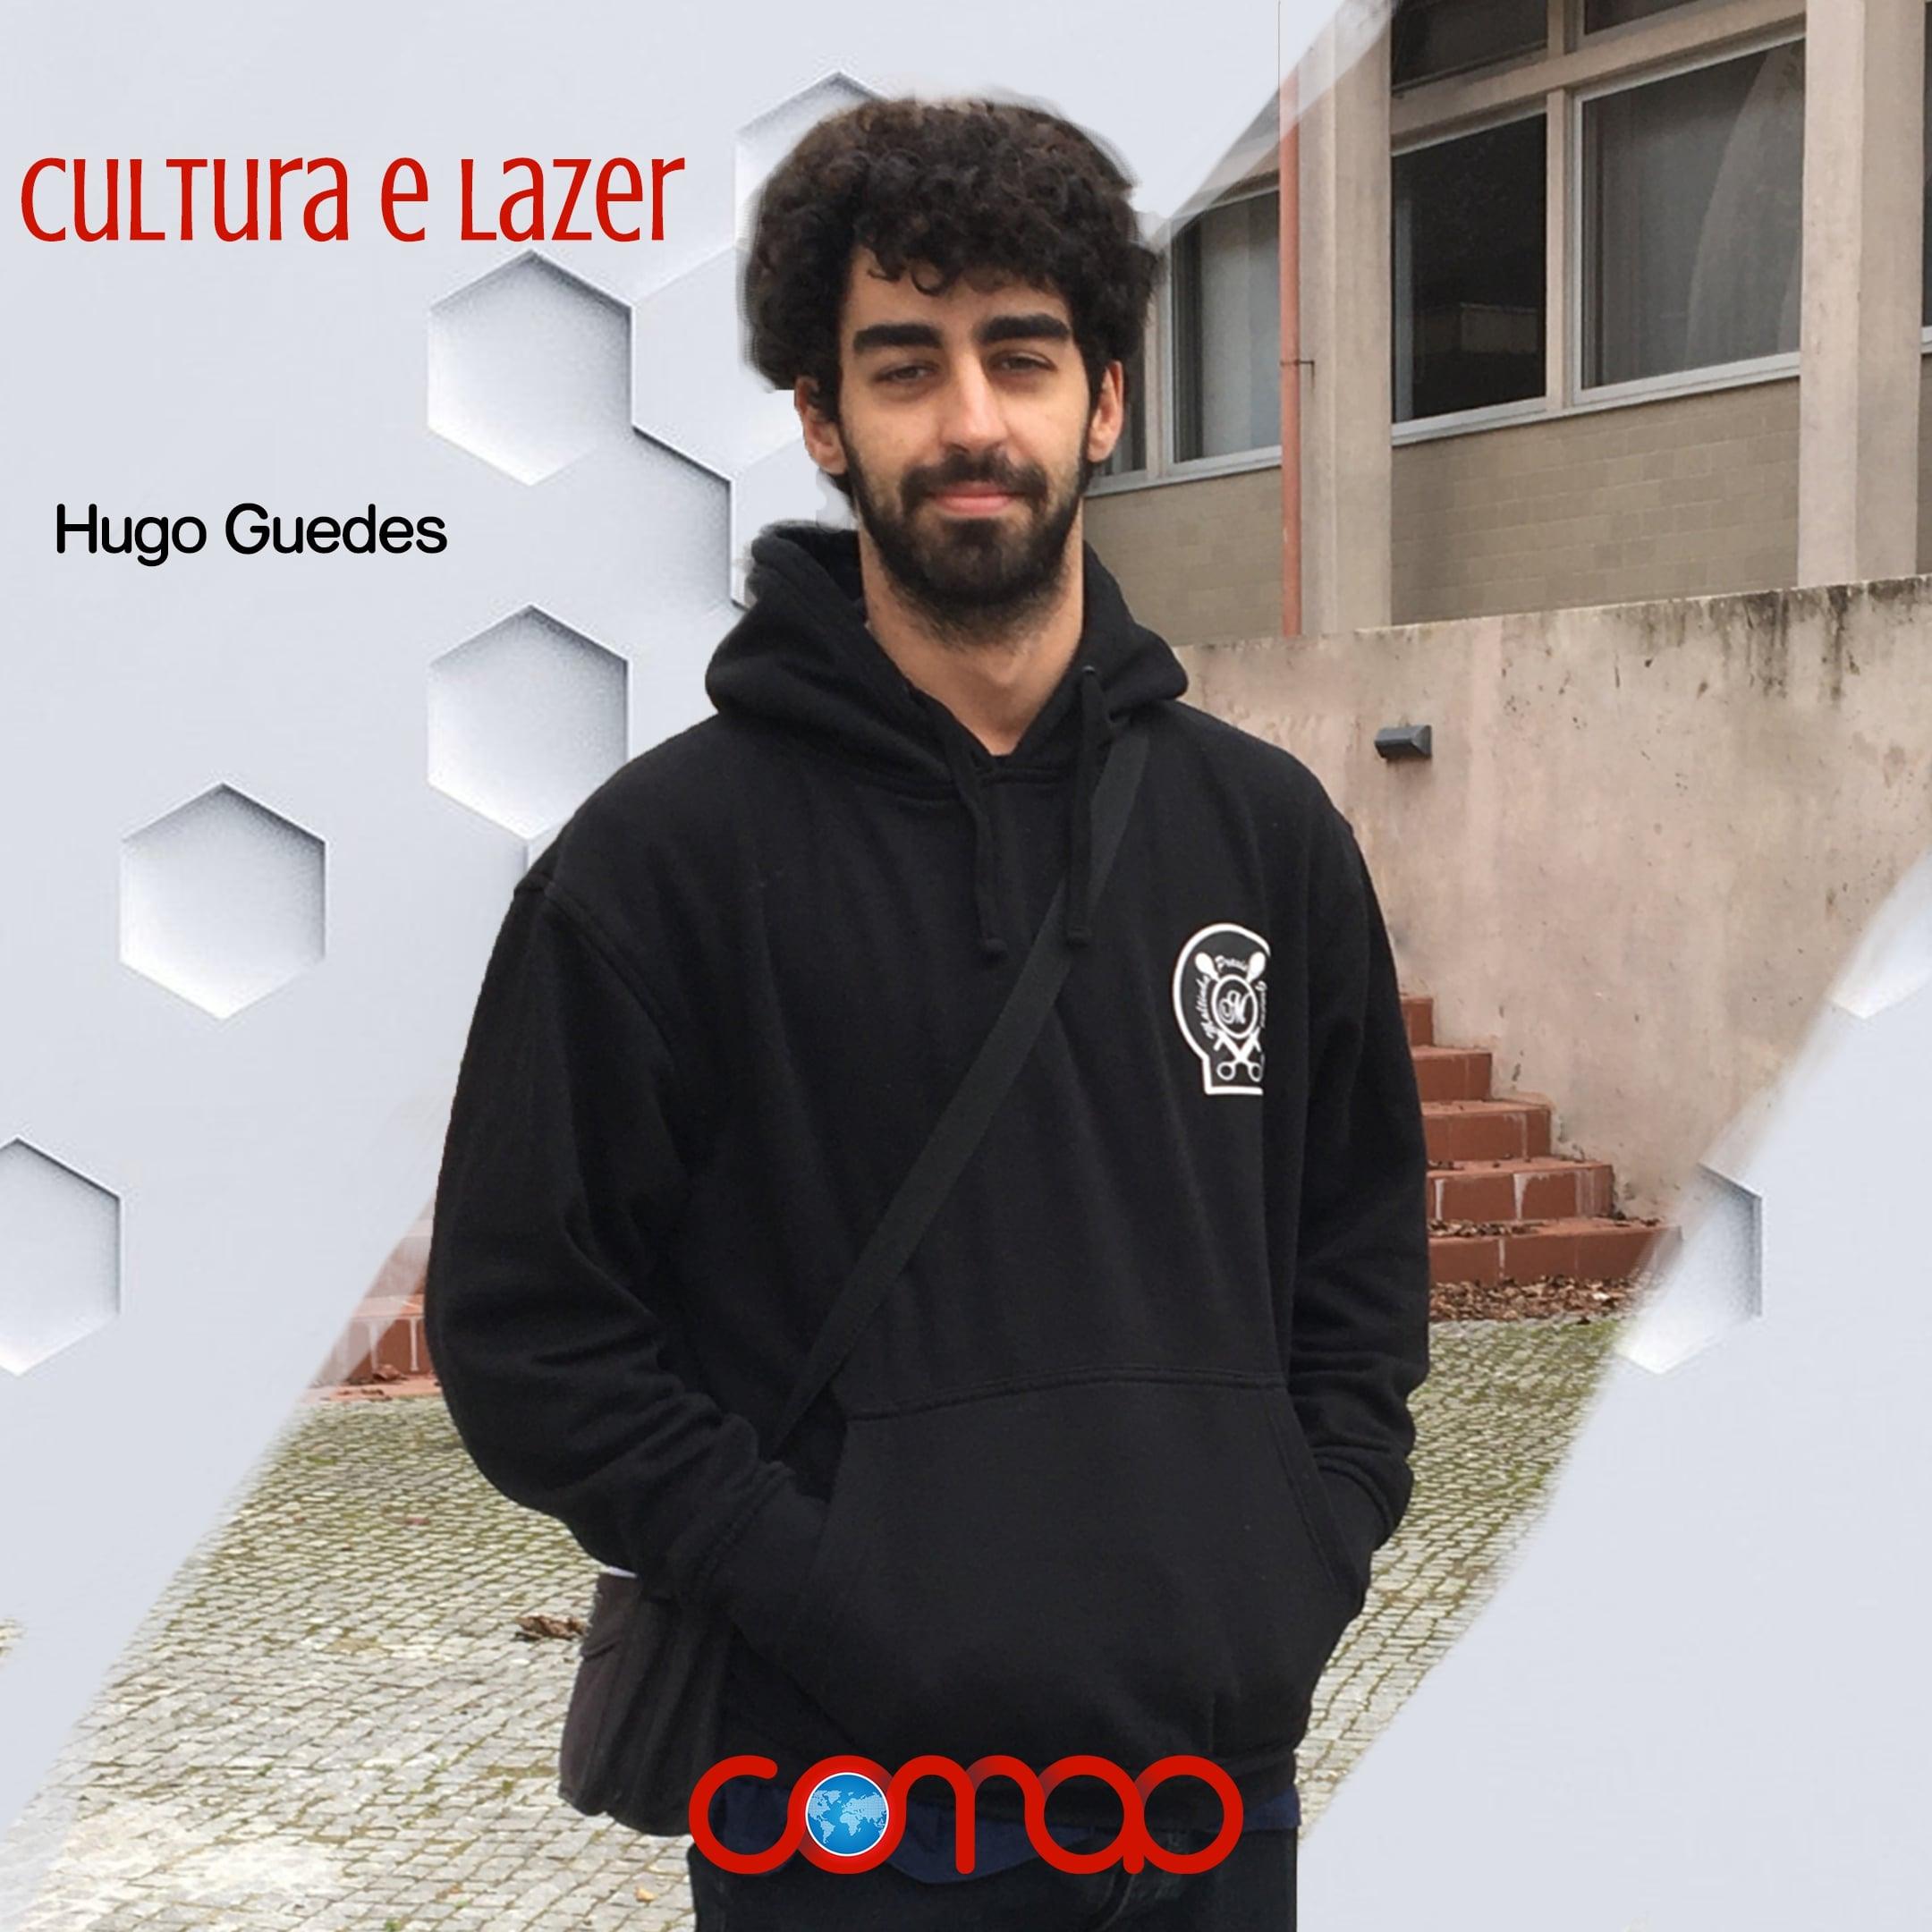 Hugo Guedes